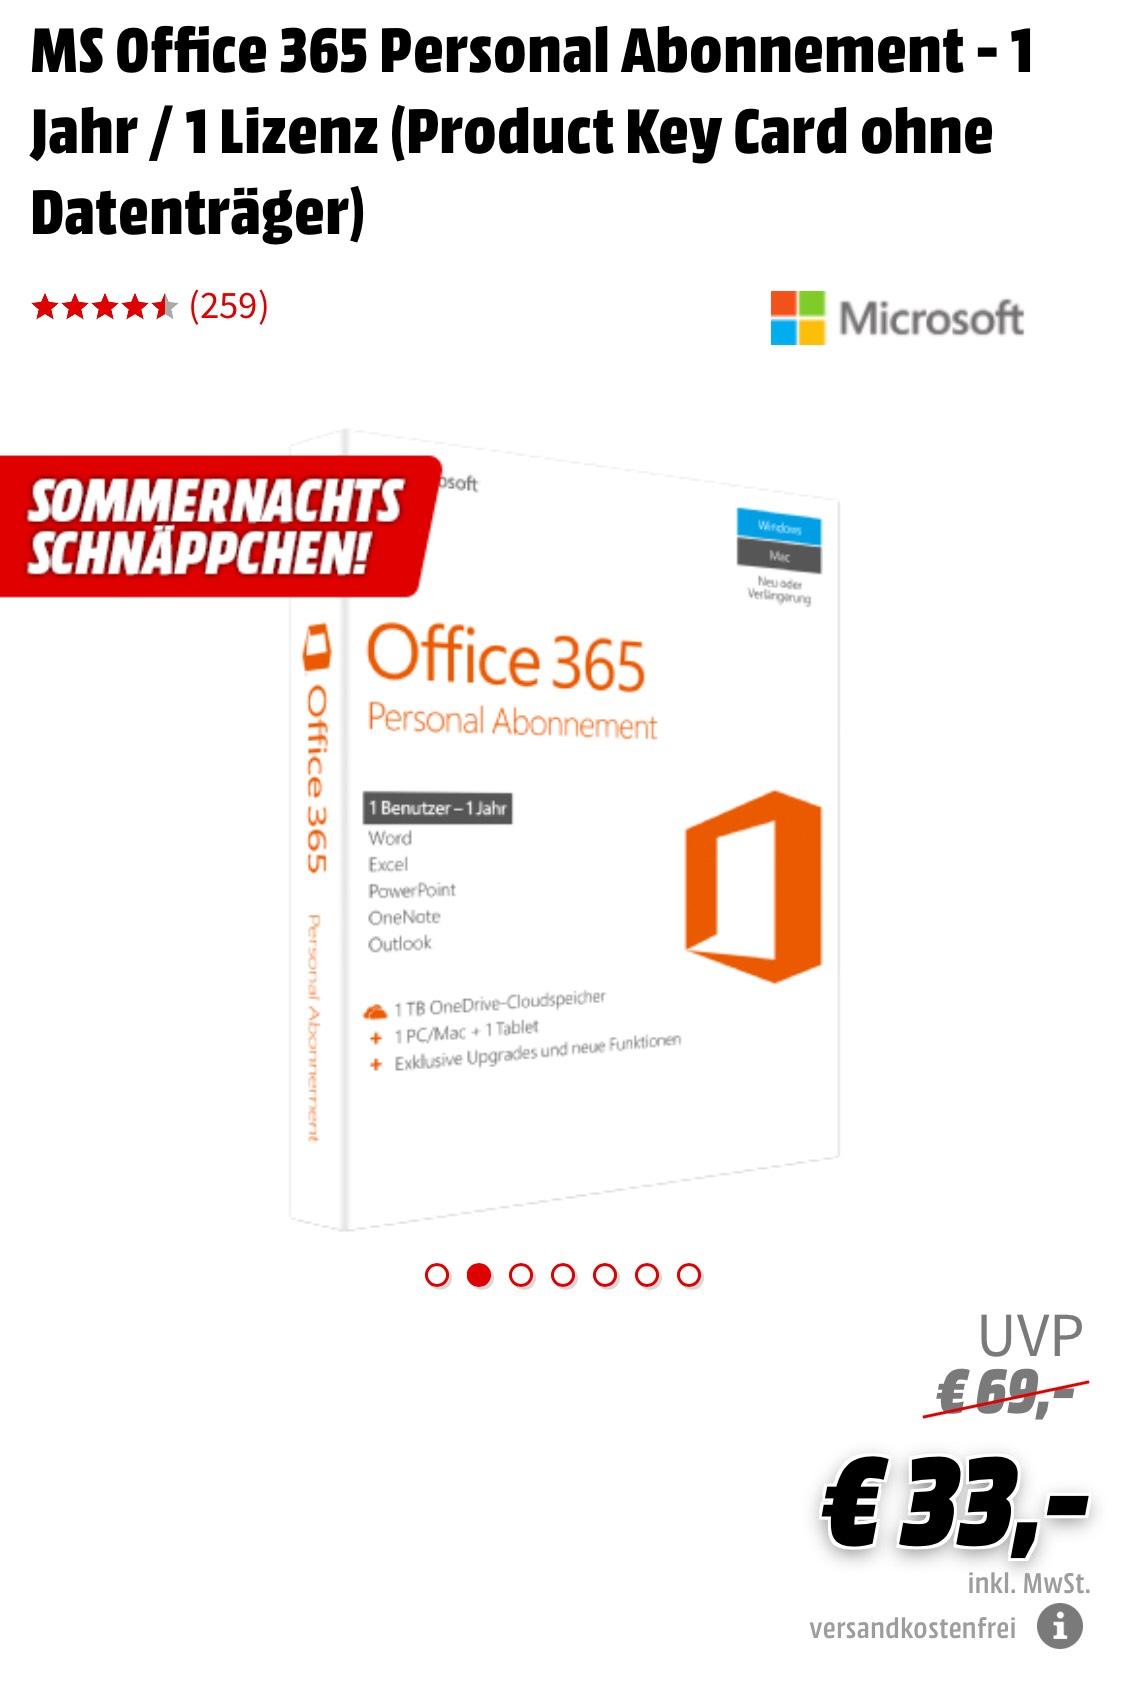 MS Office 365 Personal Abonnement - 1 Jahr / 1 Lizenz für 33€